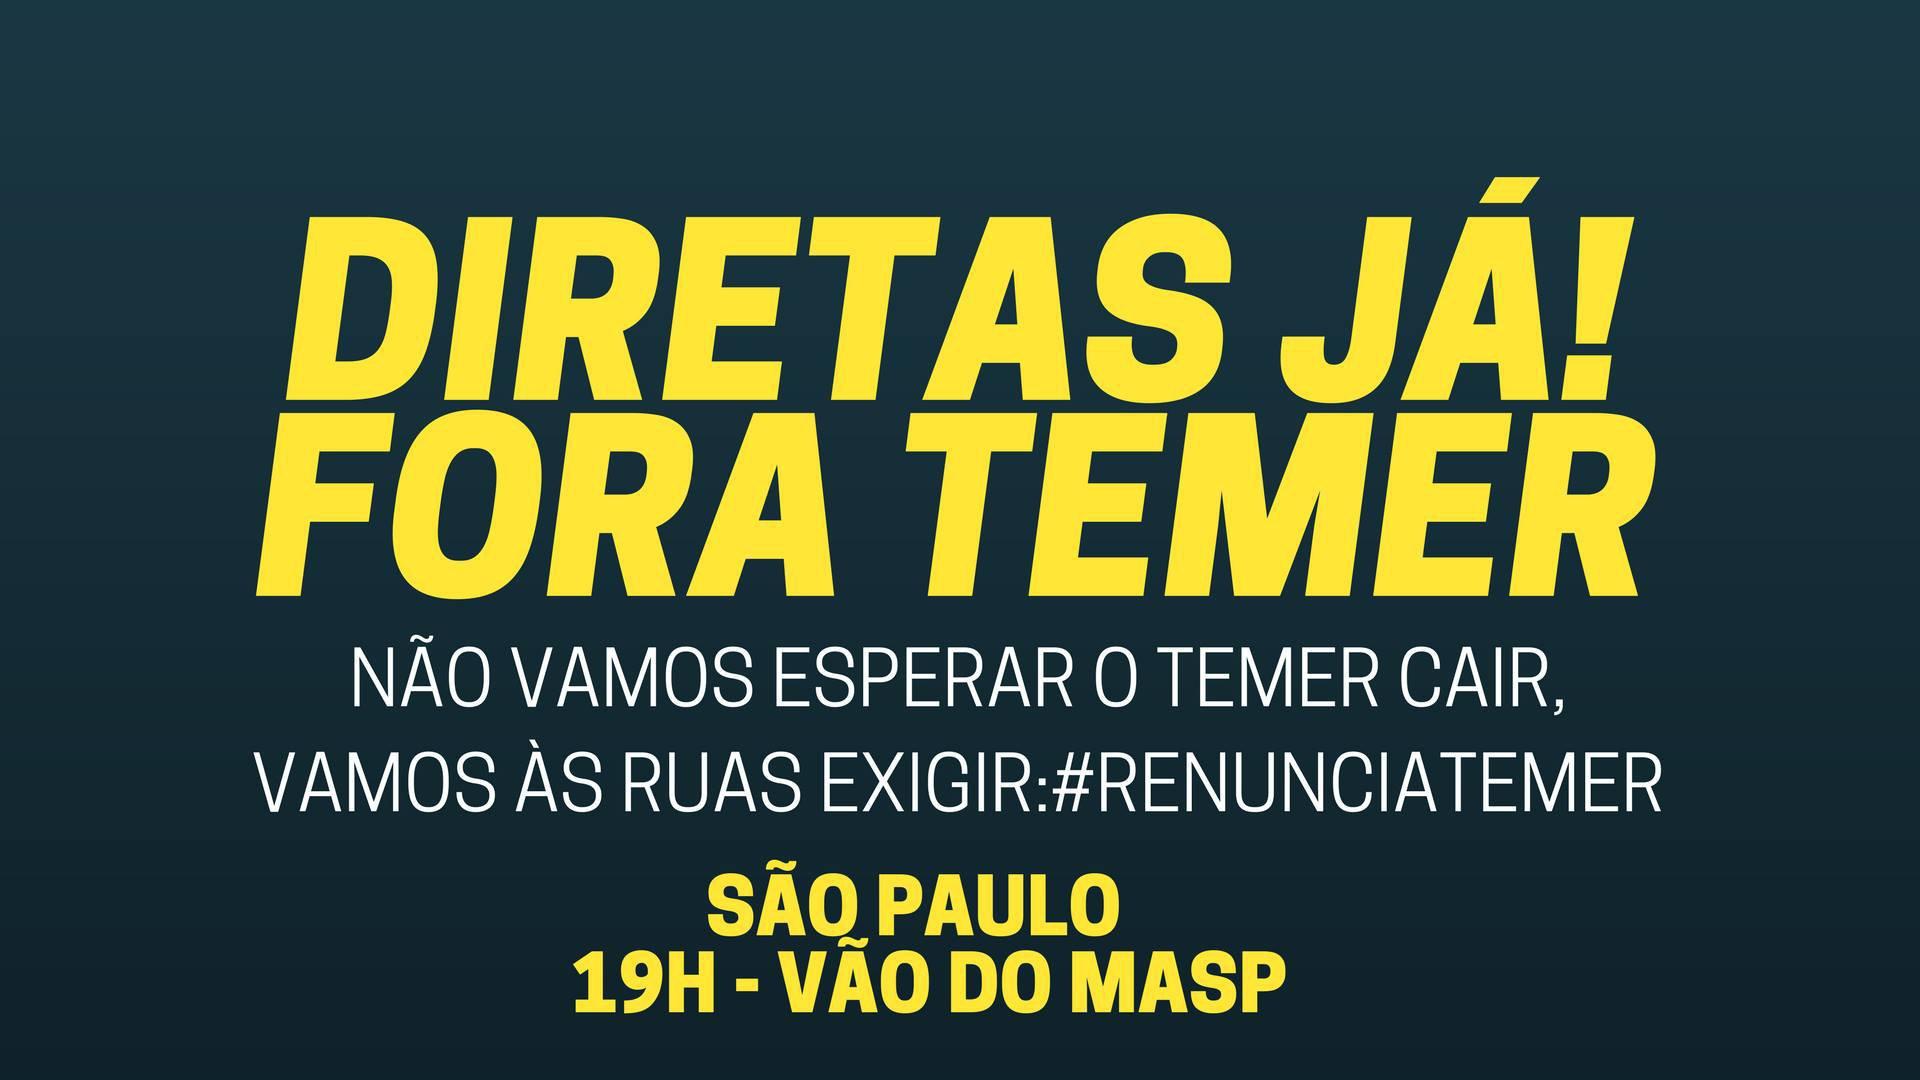 Jornalistas Livres e Mídia Ninja convocam ato contra Temer em São Paulo - 18/05/2017